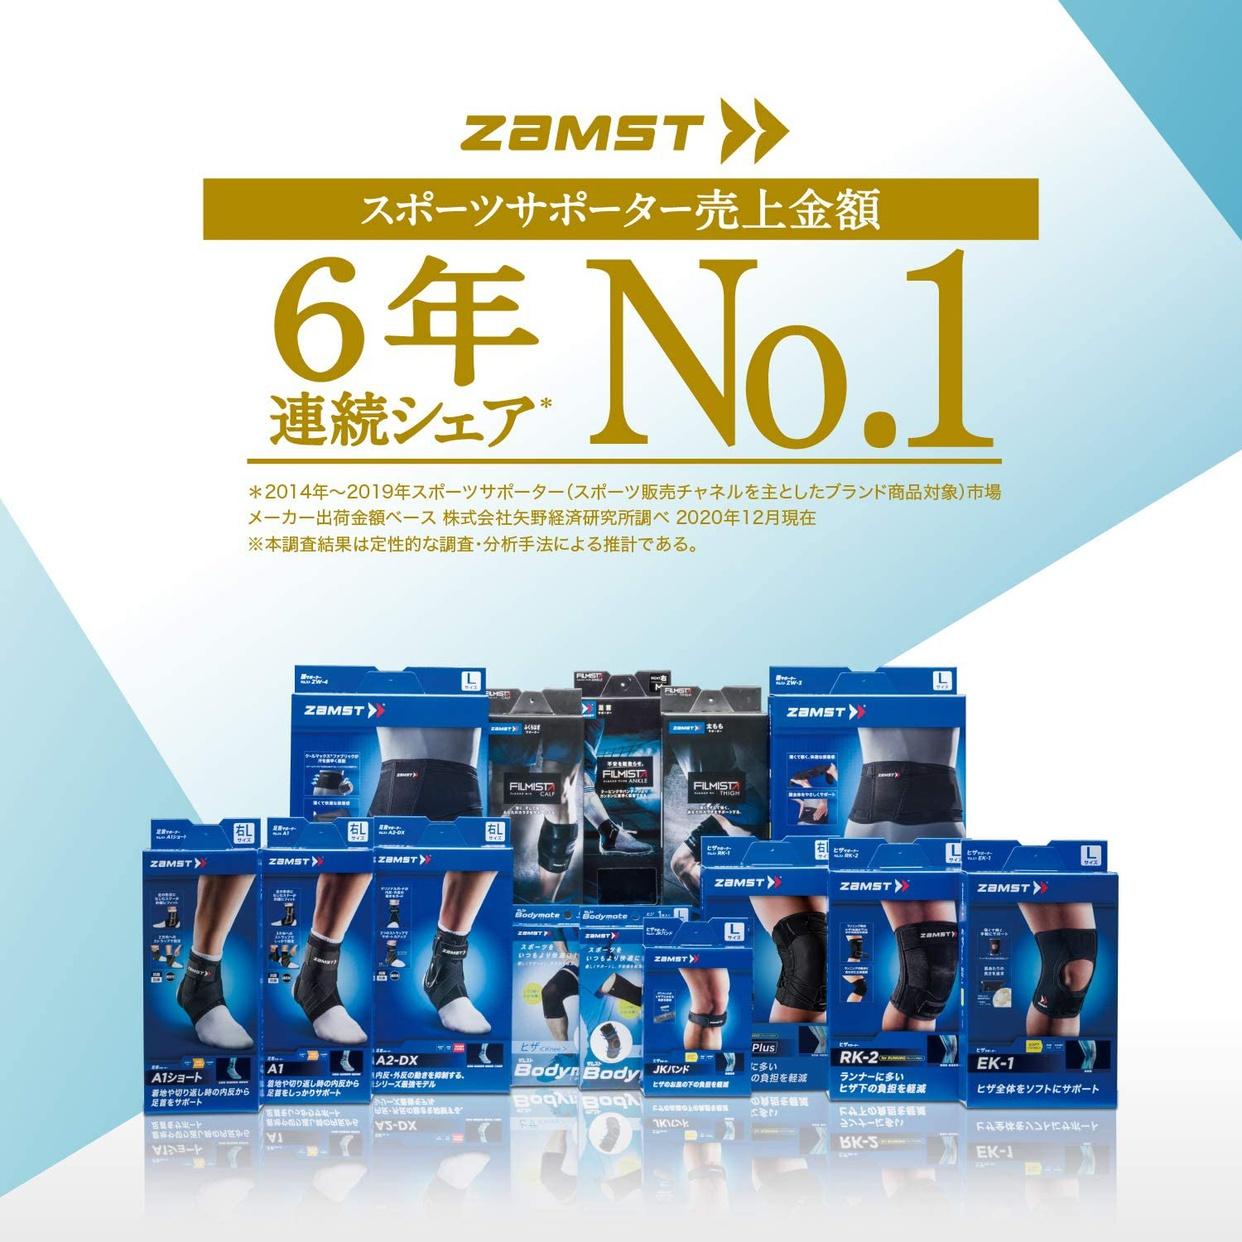 ZAMST(ザムスト) ヒザ用サポーター EK-1の商品画像2